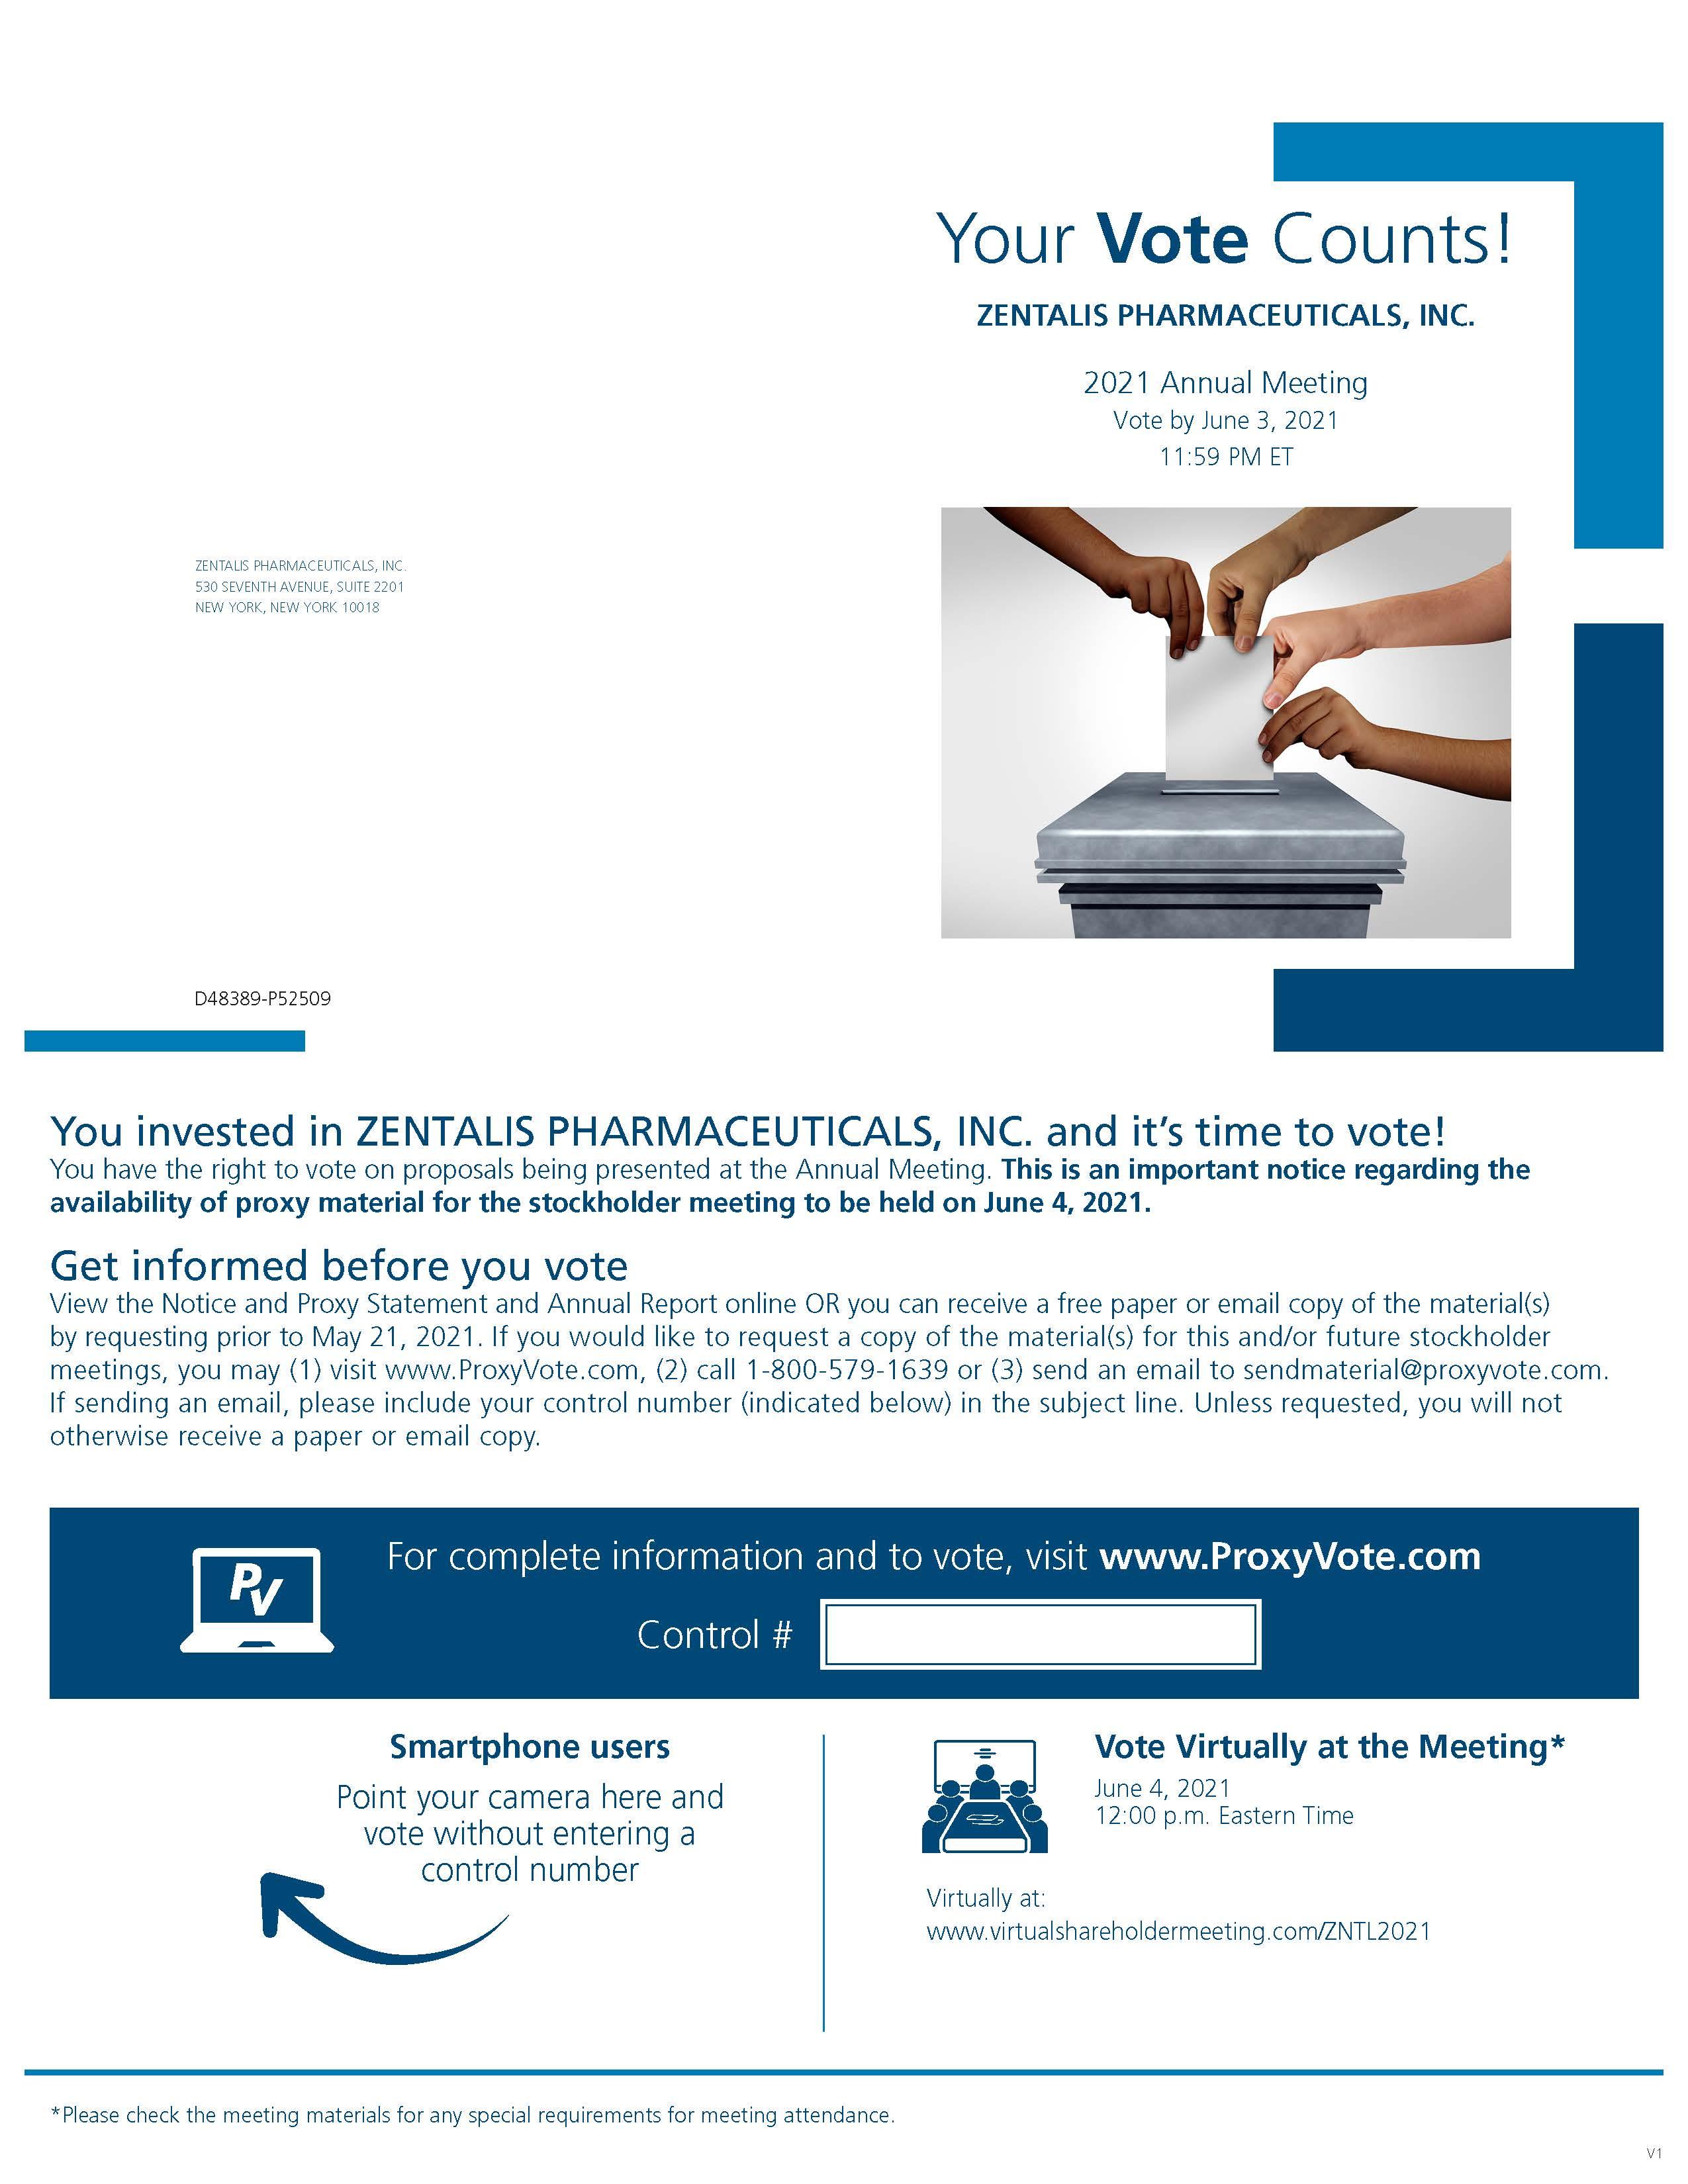 https://cdn.kscope.io/919afa8b8f1a228cfa42fe3f85ce4cdc-zentalispharmaceuticalsinca.jpg